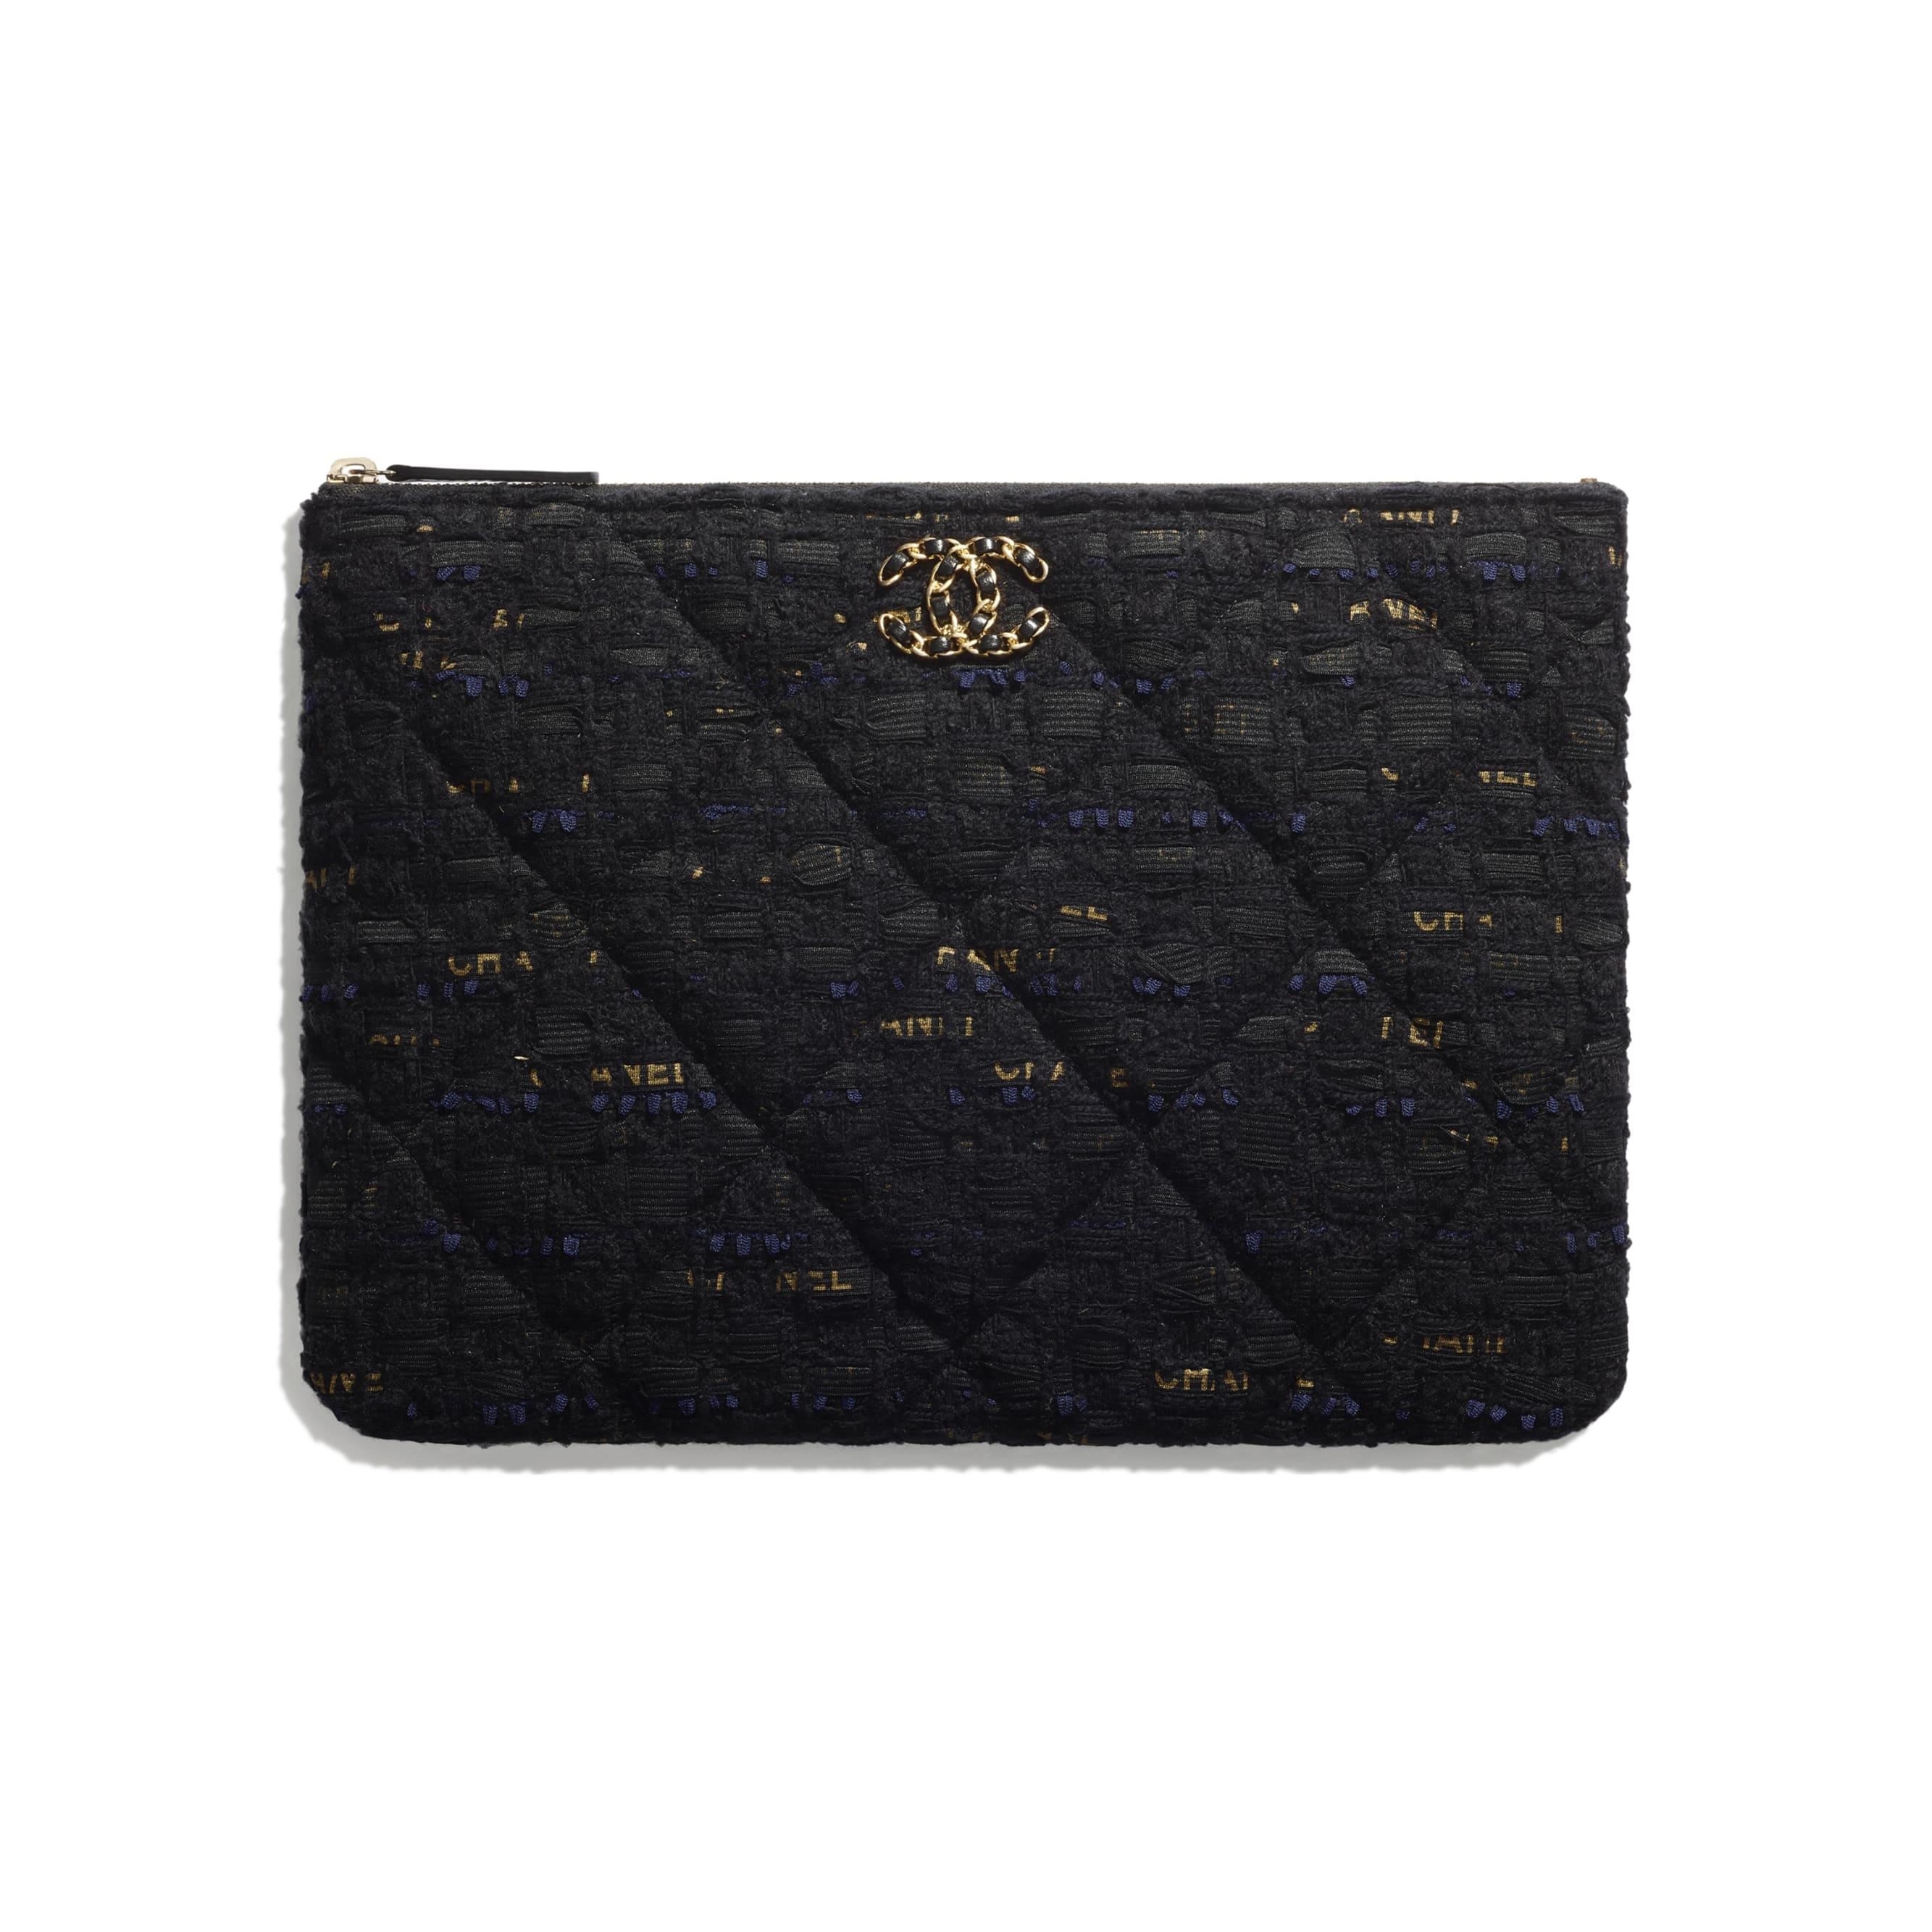 กระเป๋าเพาช์ CHANEL 19 - สีดำ สีน้ำเงินเนวี่บลู และสีทอง - ผ้าทวีตและโลหะสีทอง - CHANEL - มุมมองปัจจุบัน - ดูเวอร์ชันขนาดมาตรฐาน